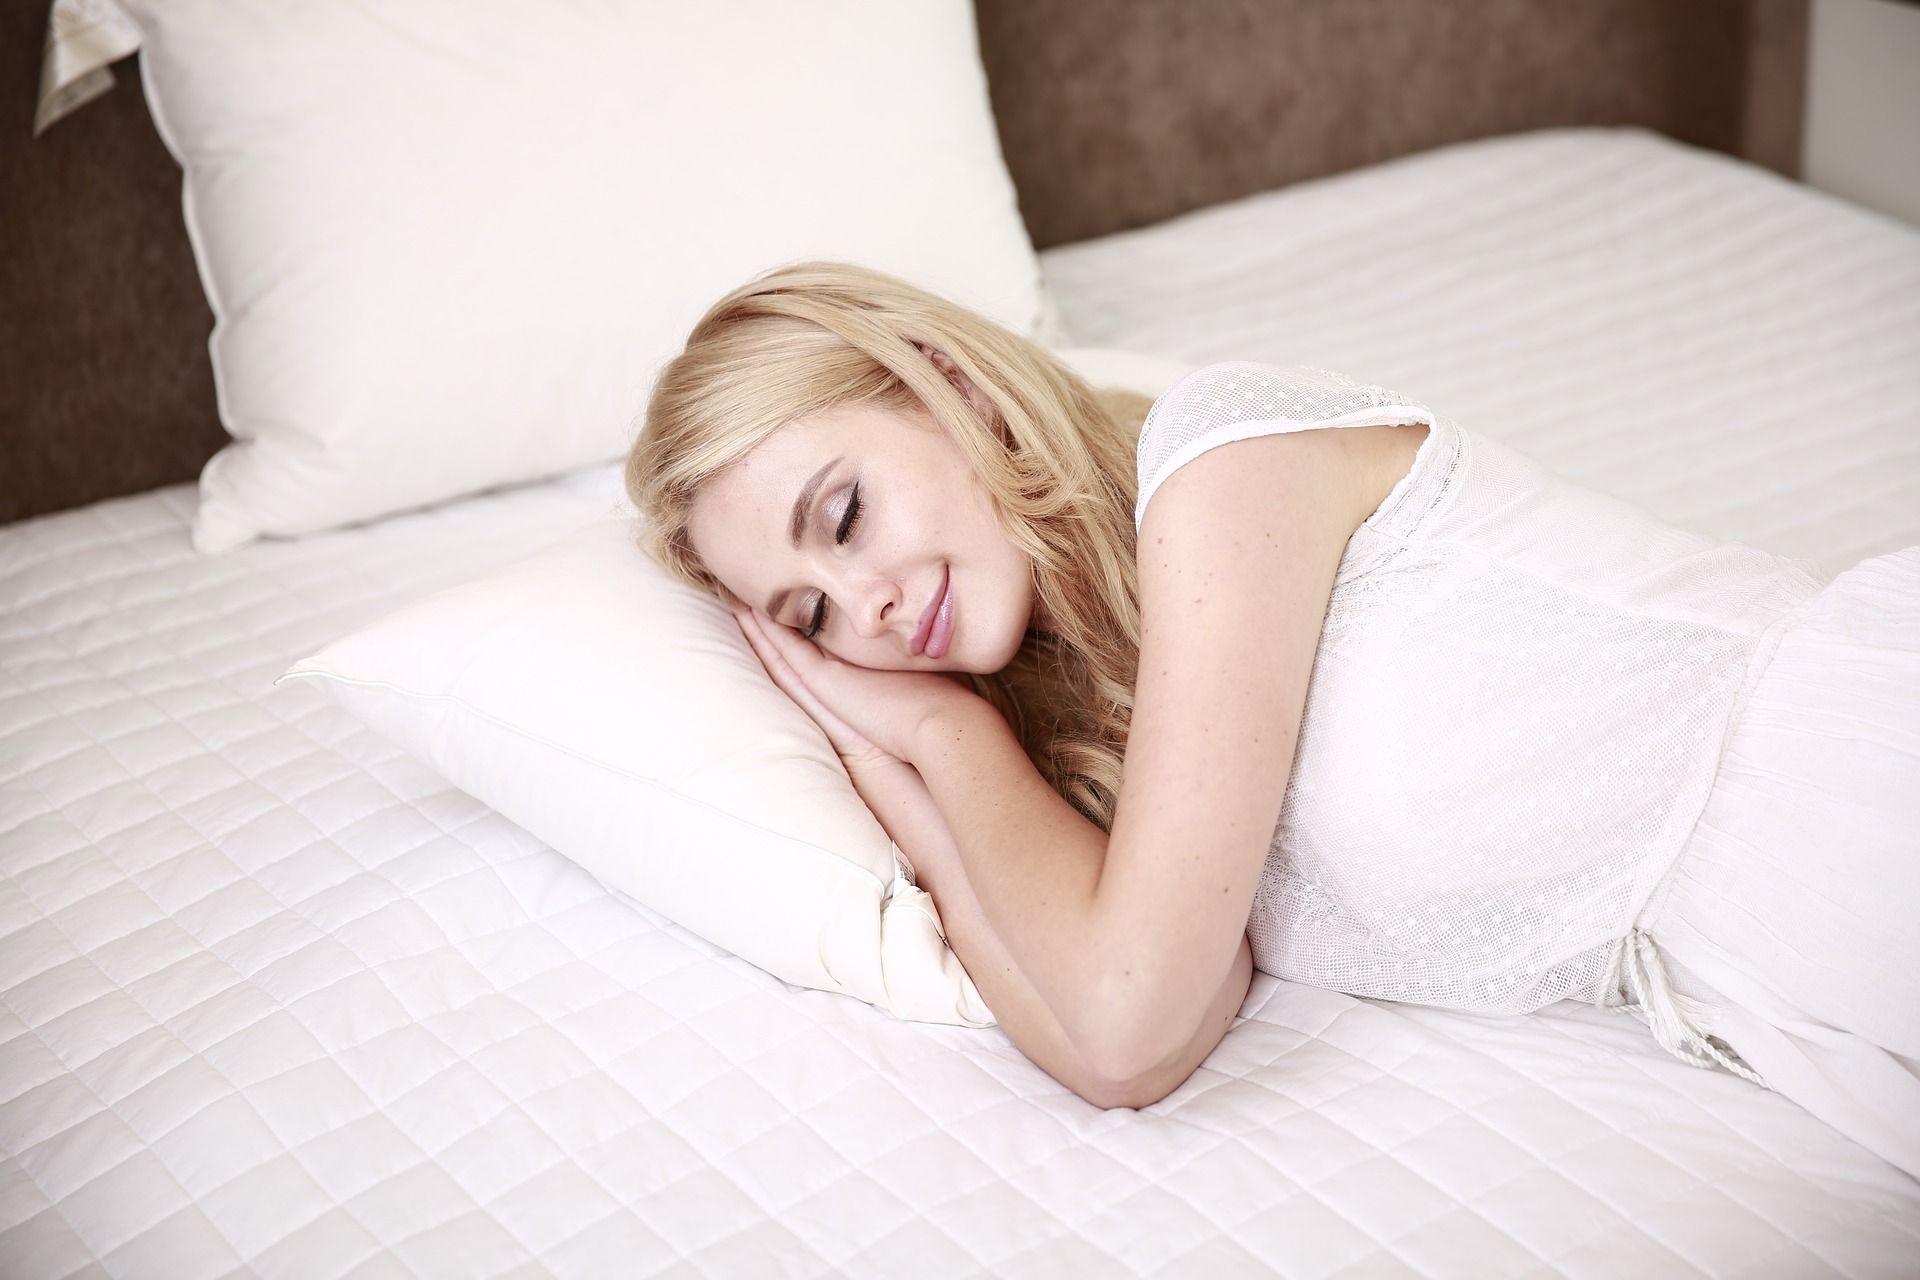 ¿Qué debes hacer o cambiar si tienes desórdenes de sueño?